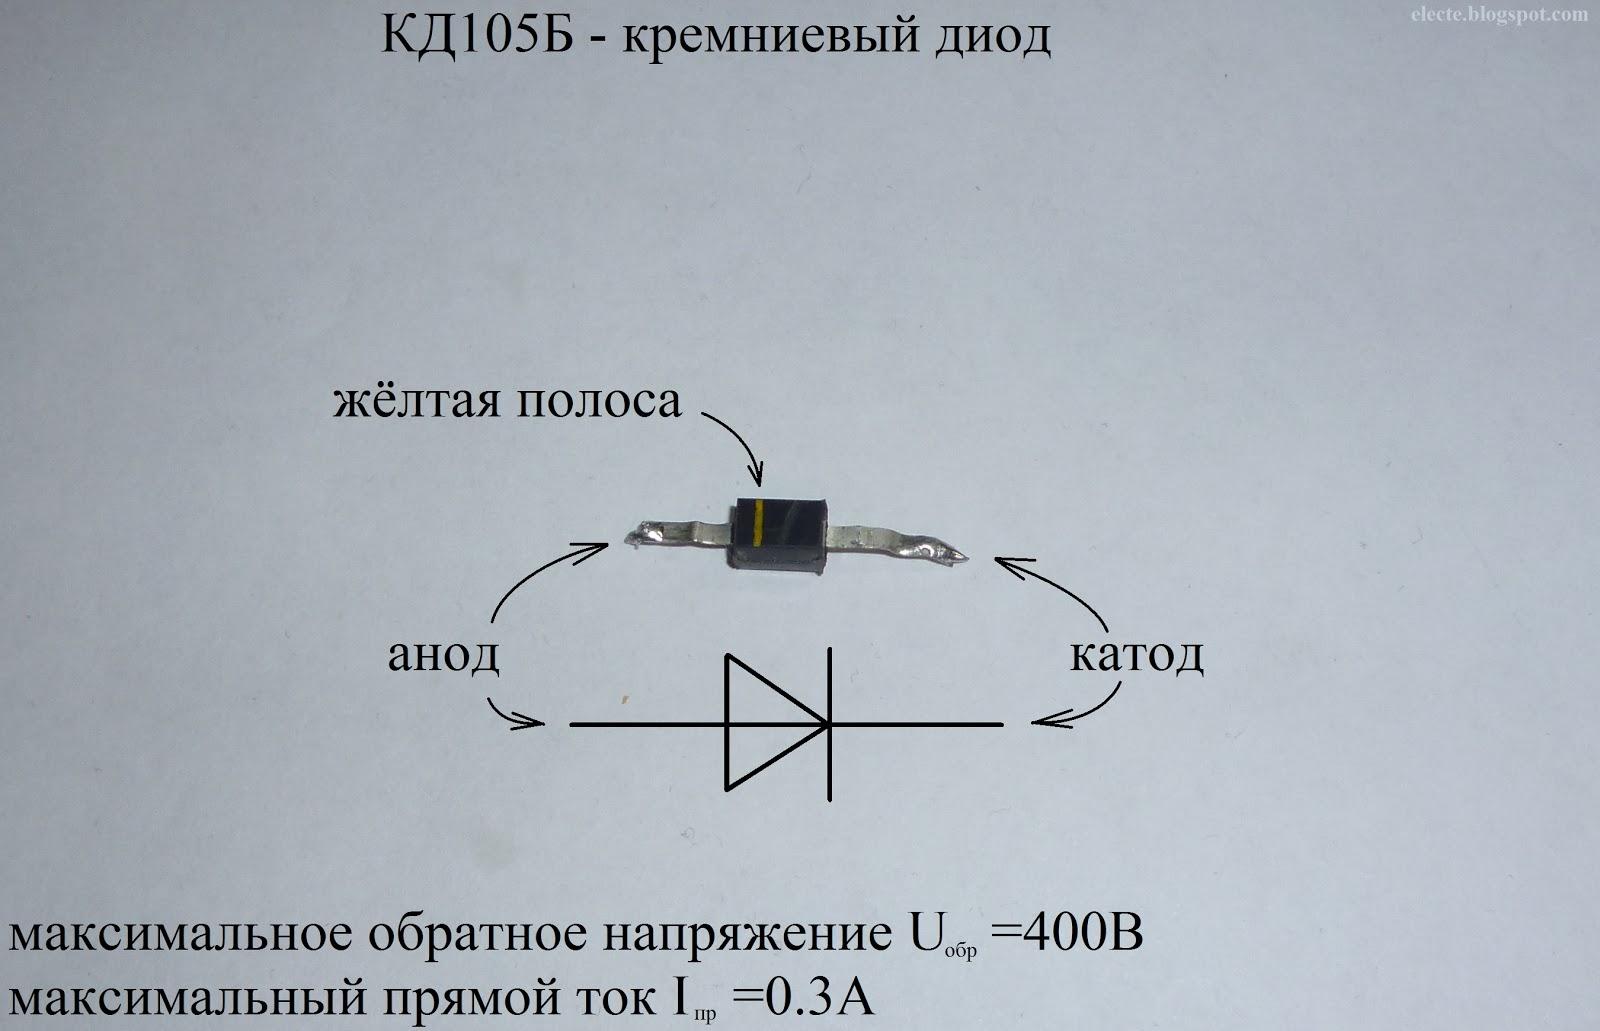 Замена передних стоек на koni ht и задних амортизаторов на hola s463 l200